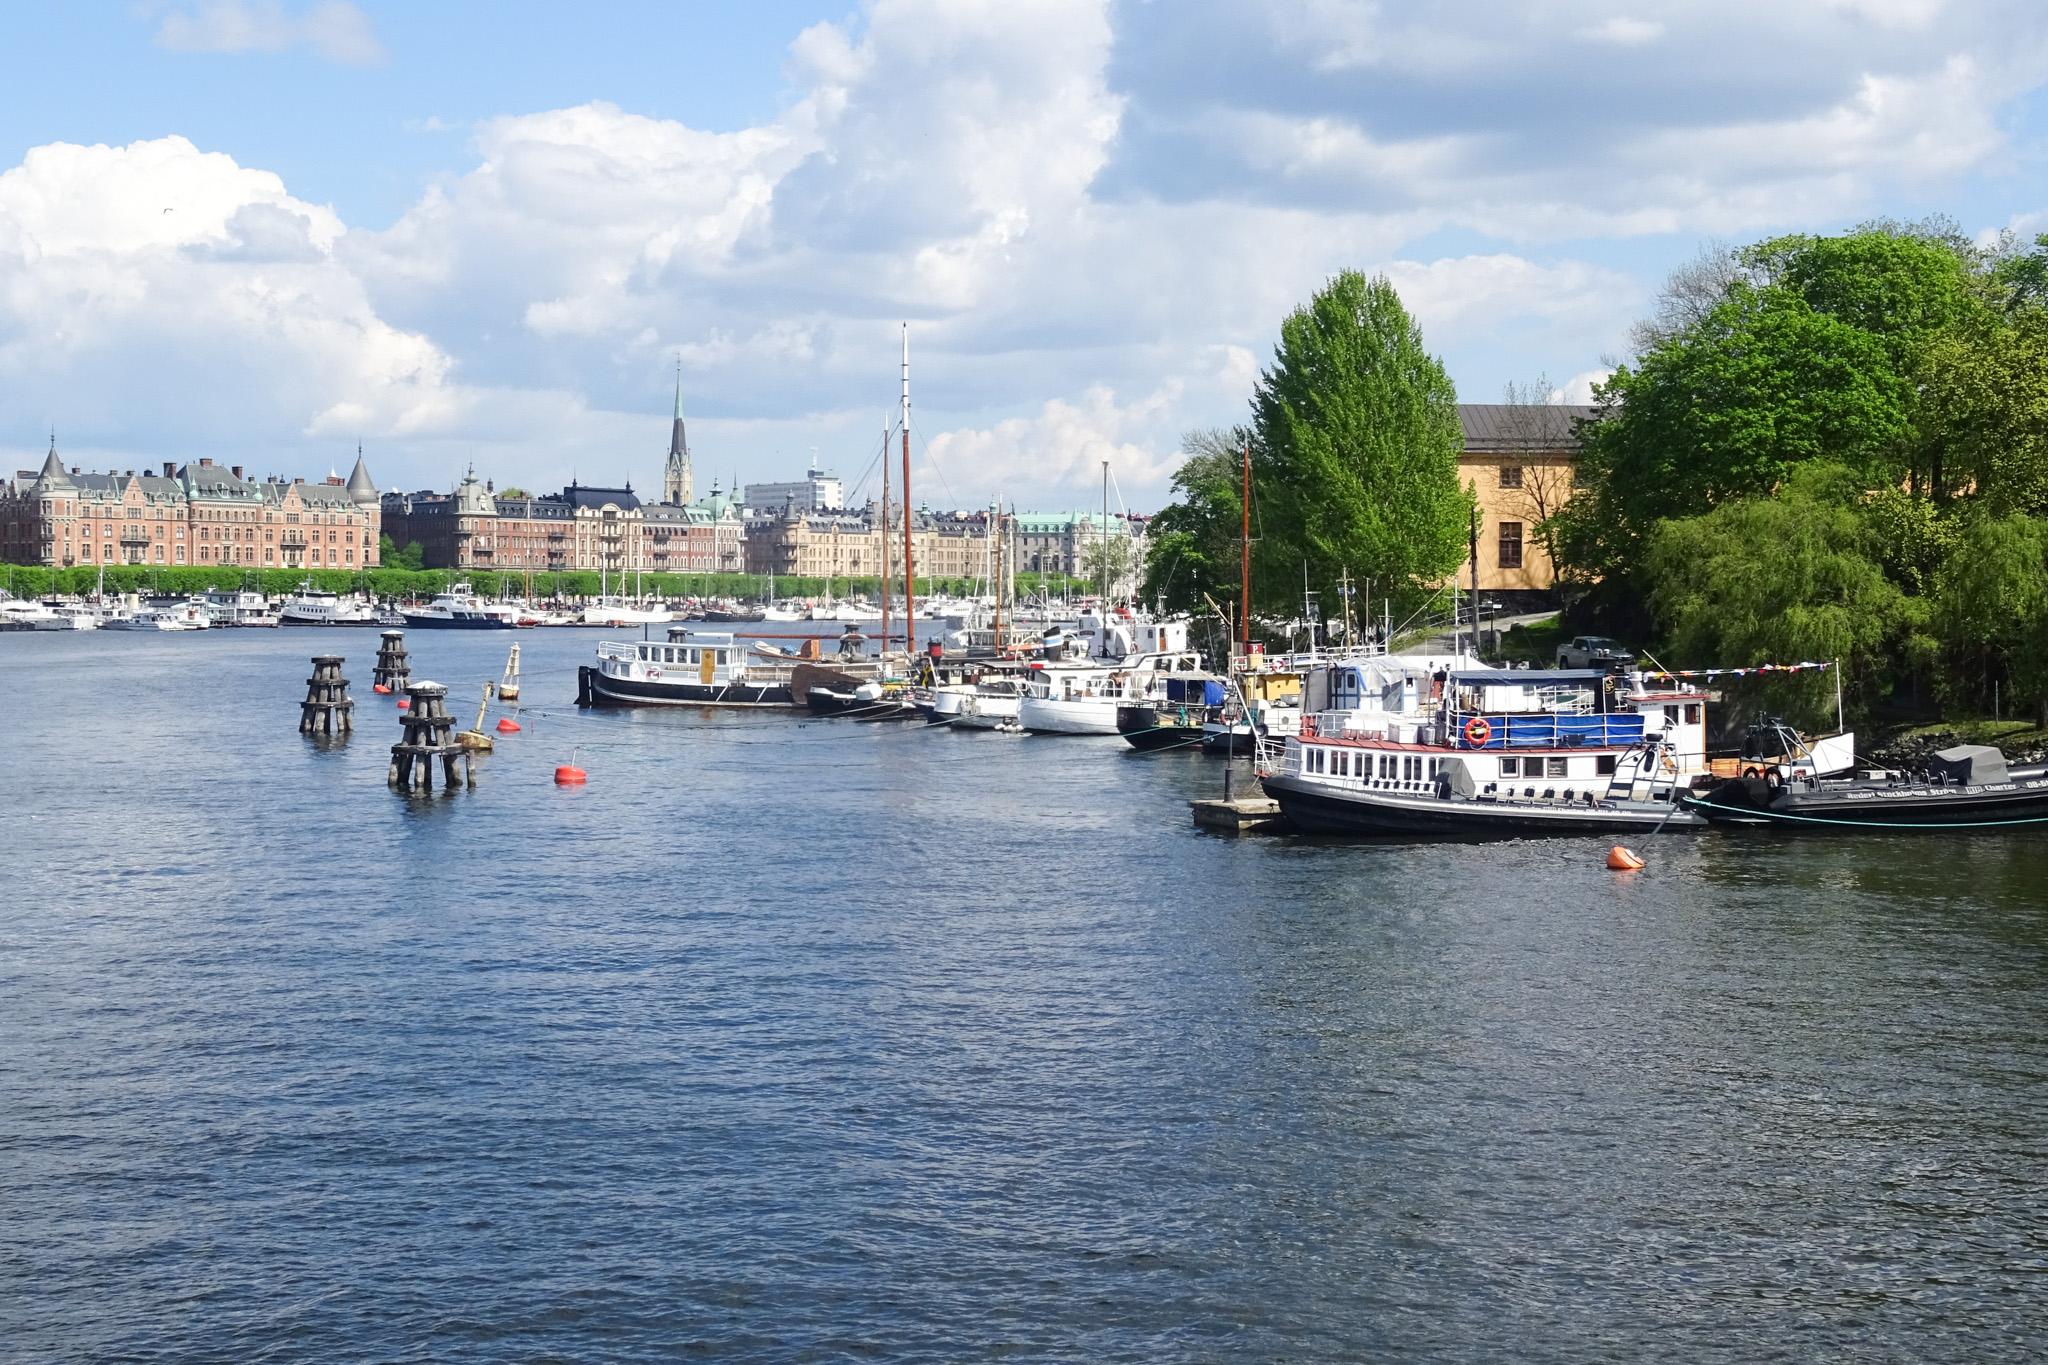 Skeppersholmen